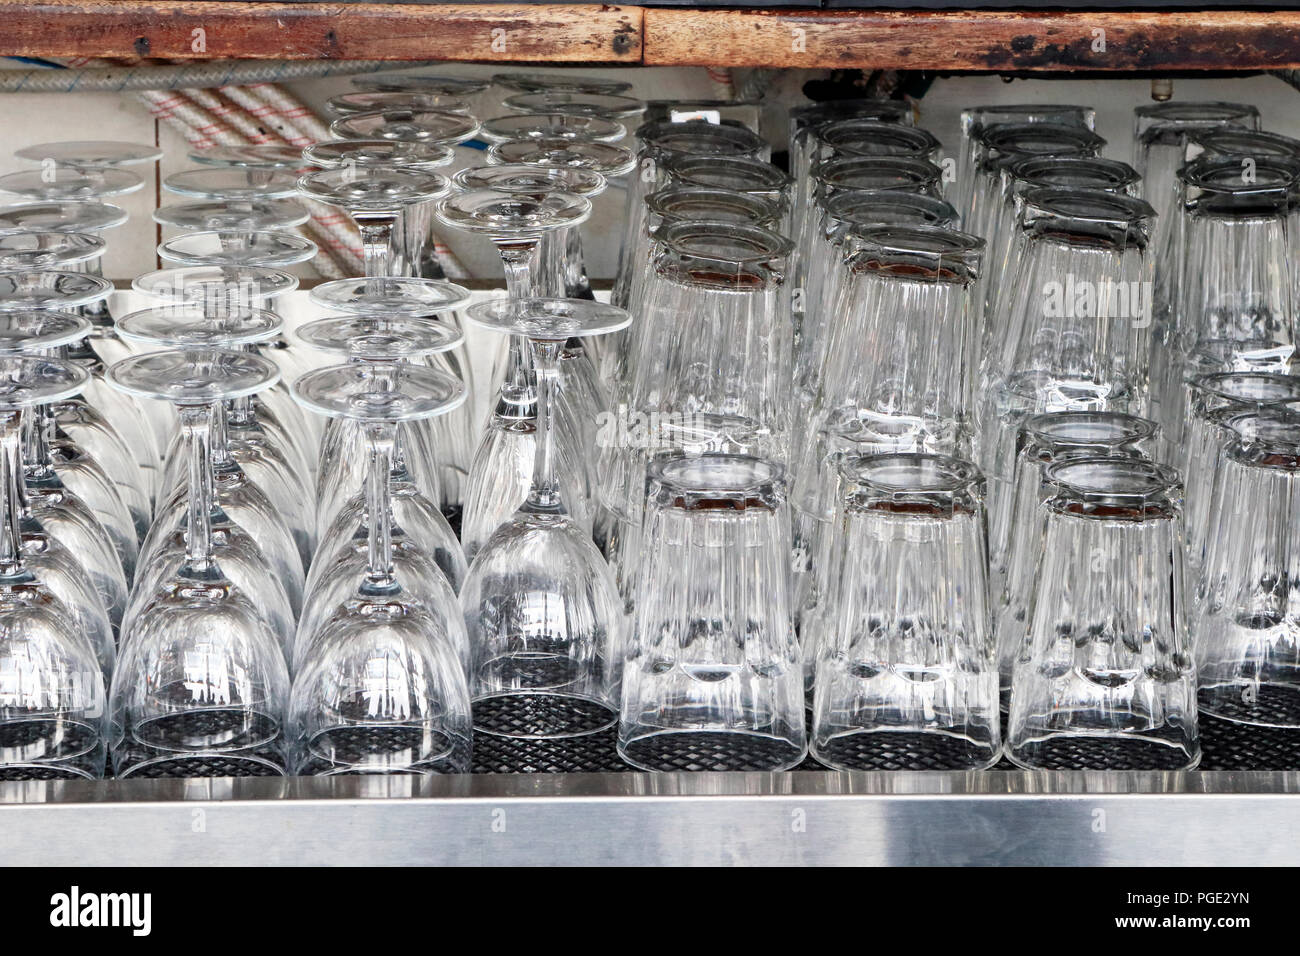 Cristalería Listo para usar en un bar comercial Imagen De Stock